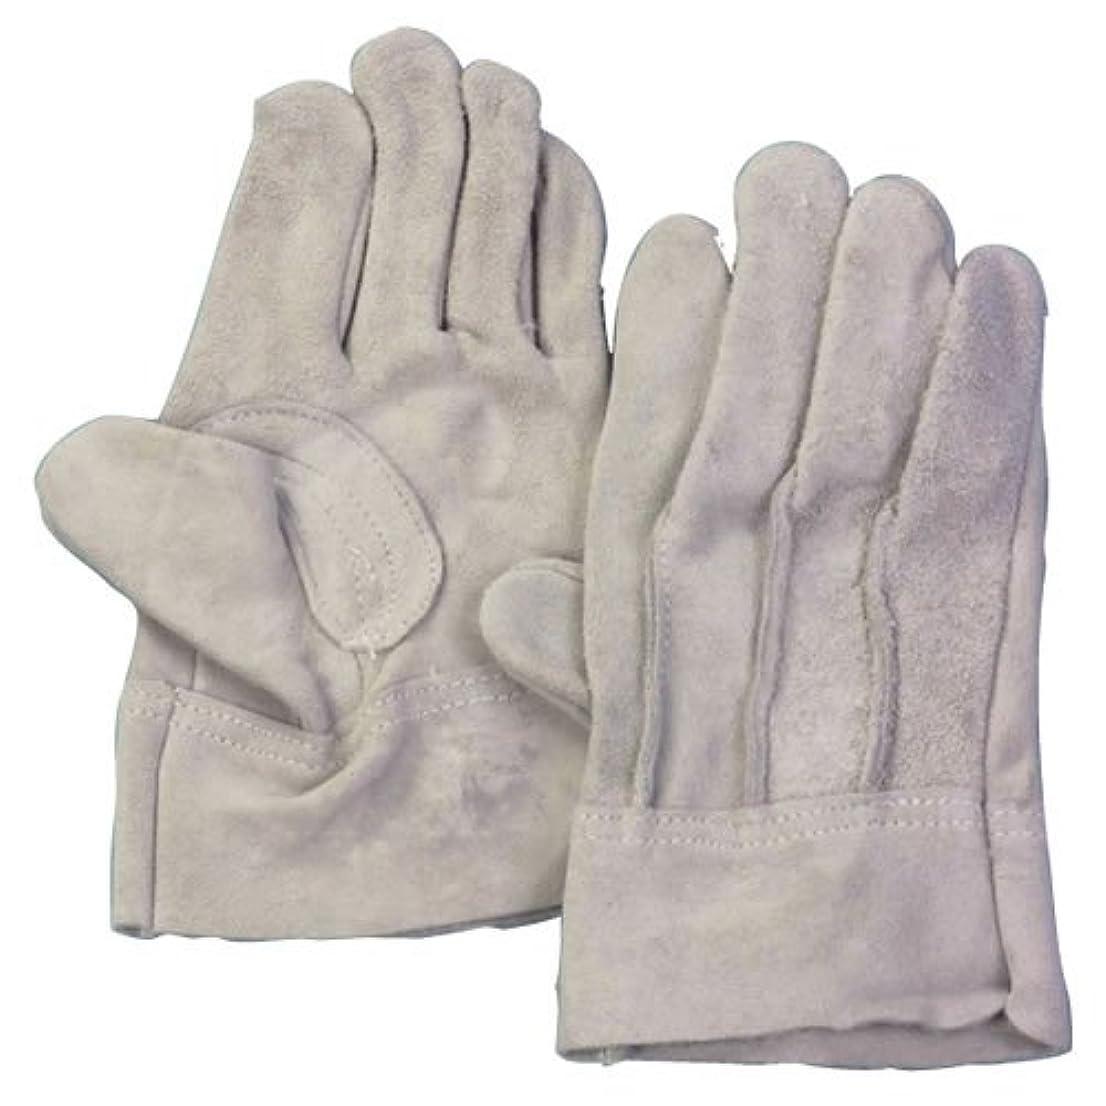 継承豊かな決定WING ACE 革手袋床革手袋 背縫い NO.11 グレー